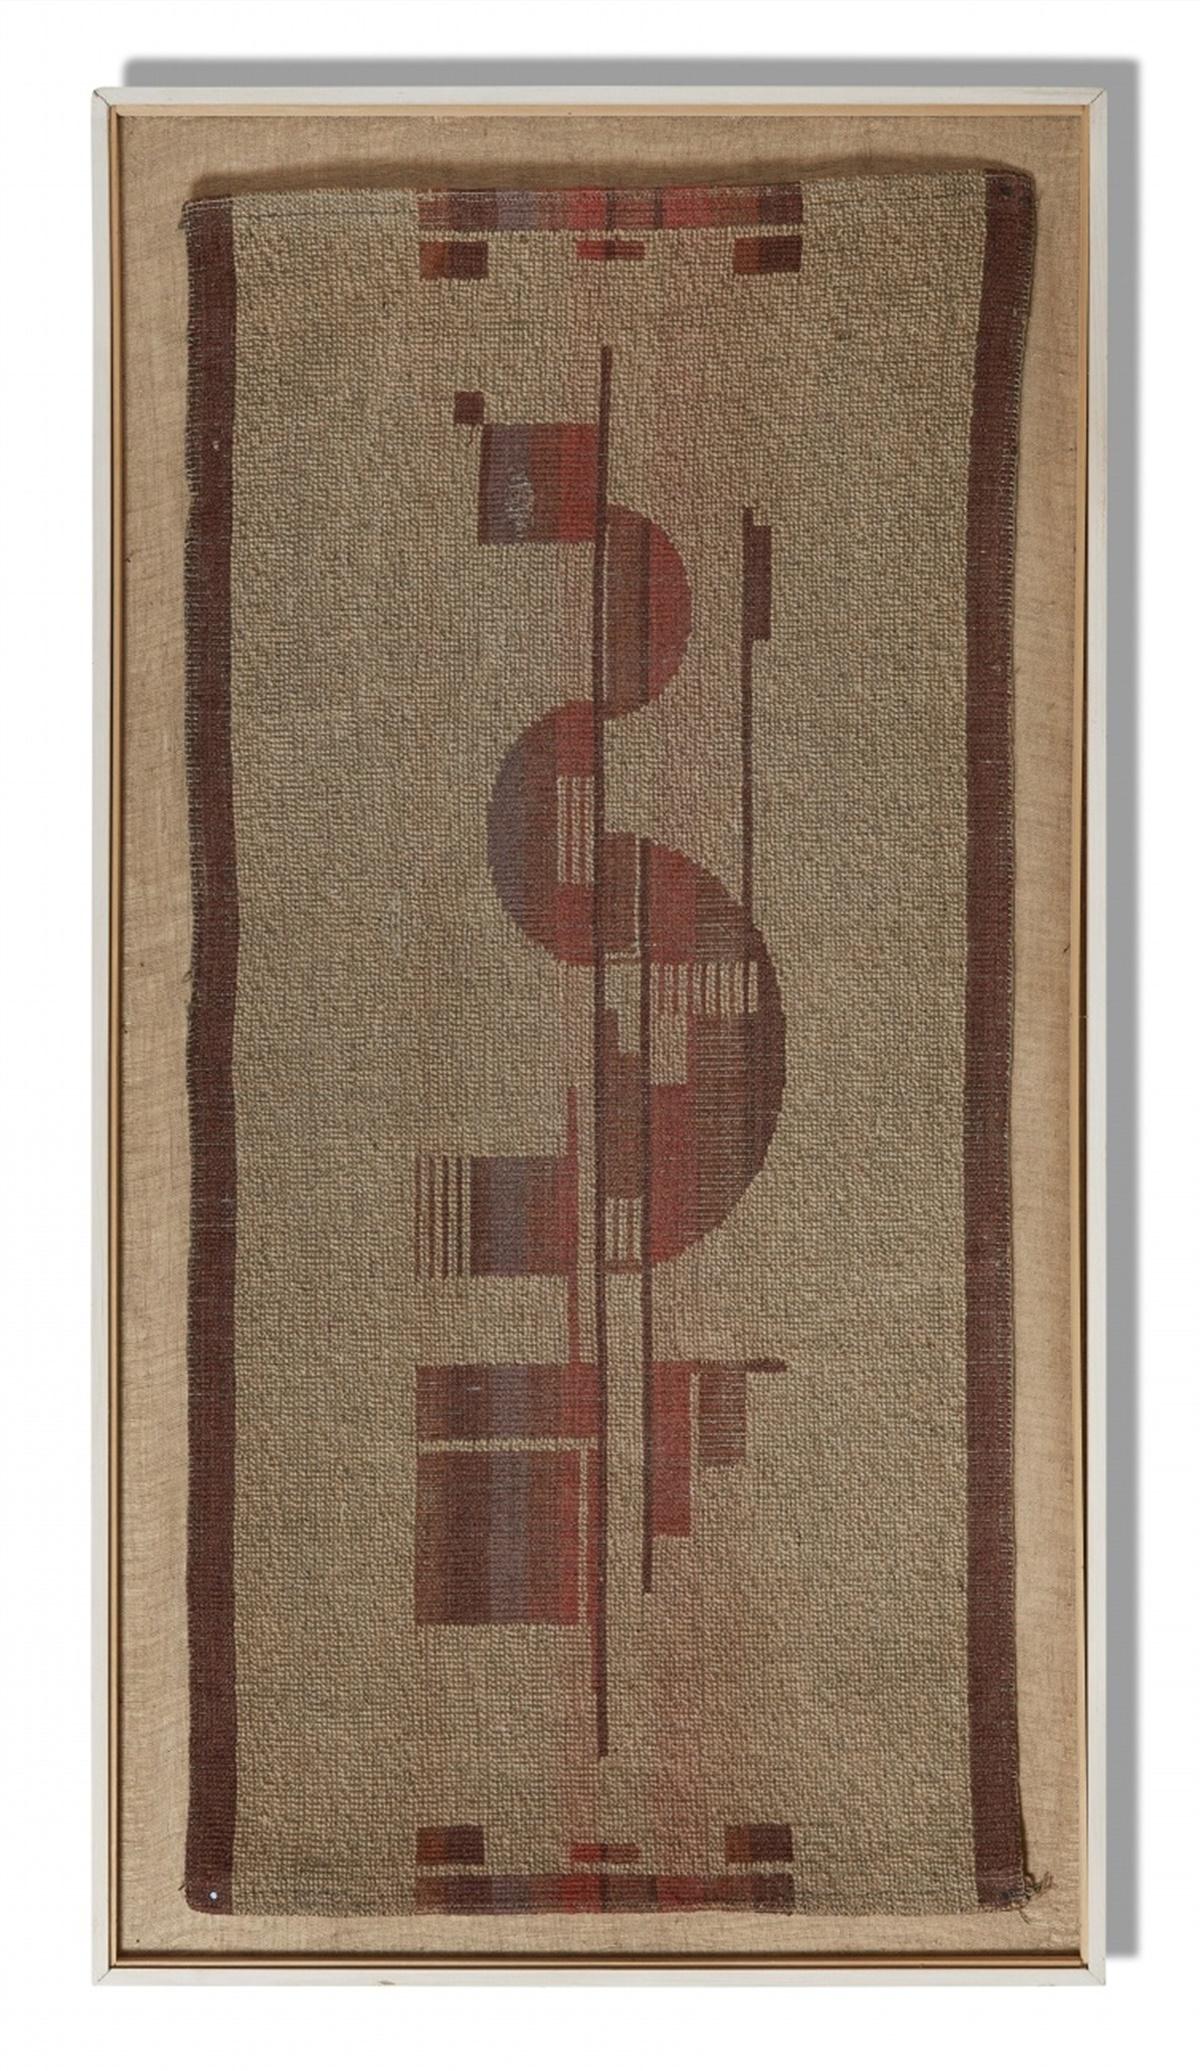 Bauhaus-GewebeWolle, montiert auf Stramin, gerahmt. Als zentrales Motiv geometrische Formen